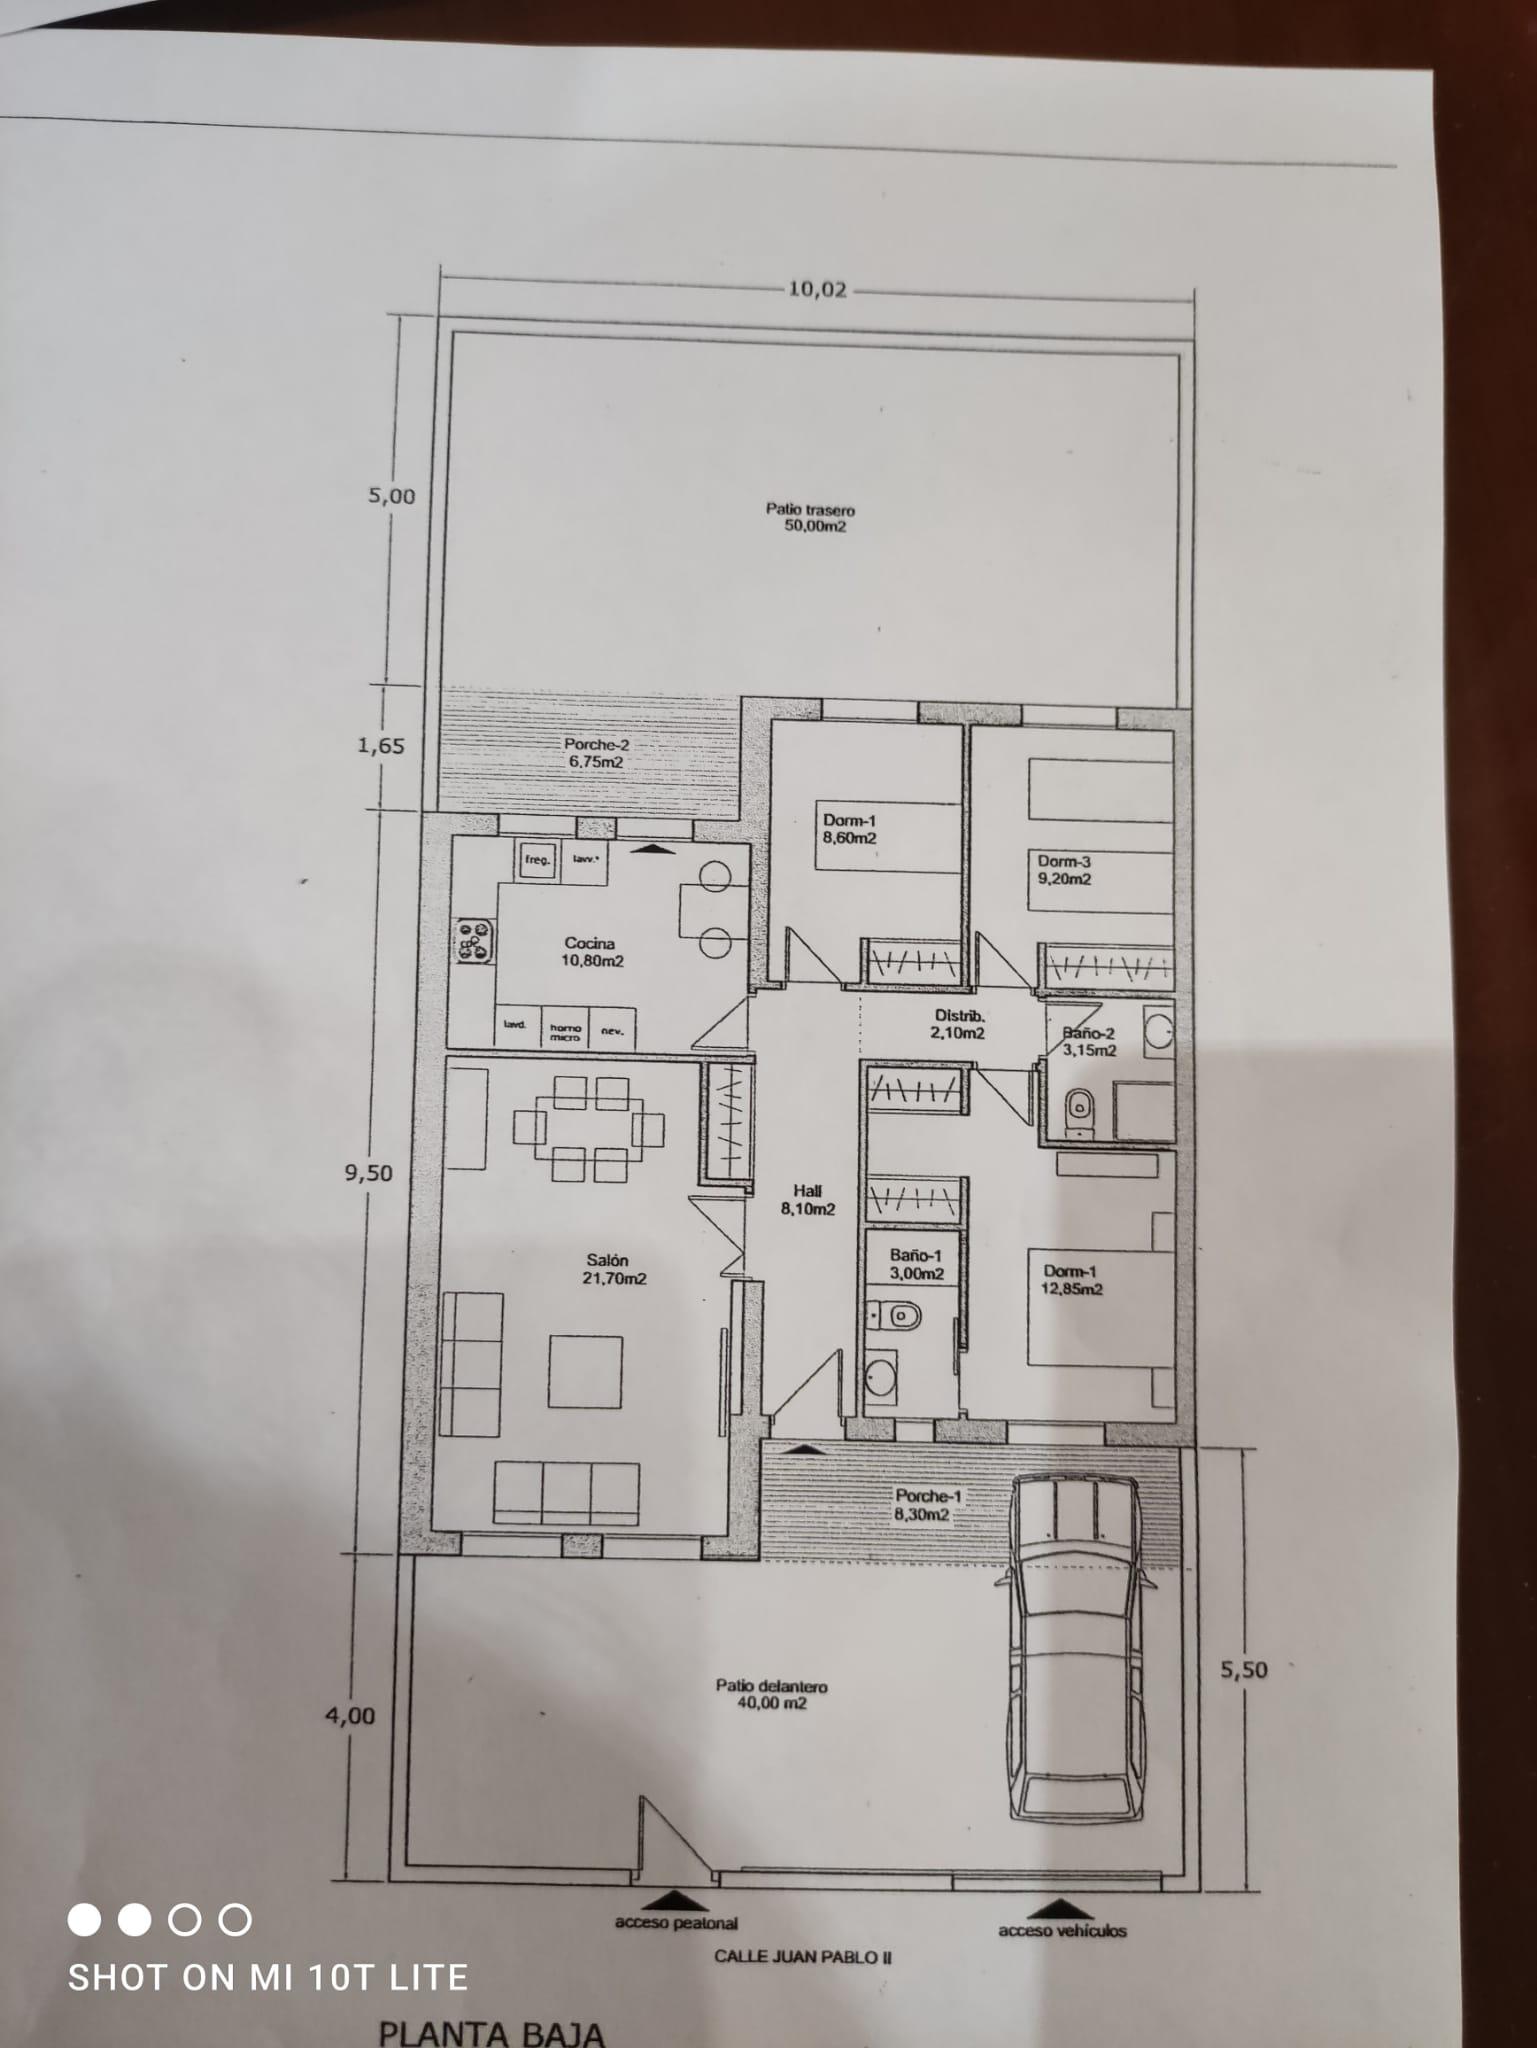 Haus  Plaza de españa. Venta de parcelas y chalet